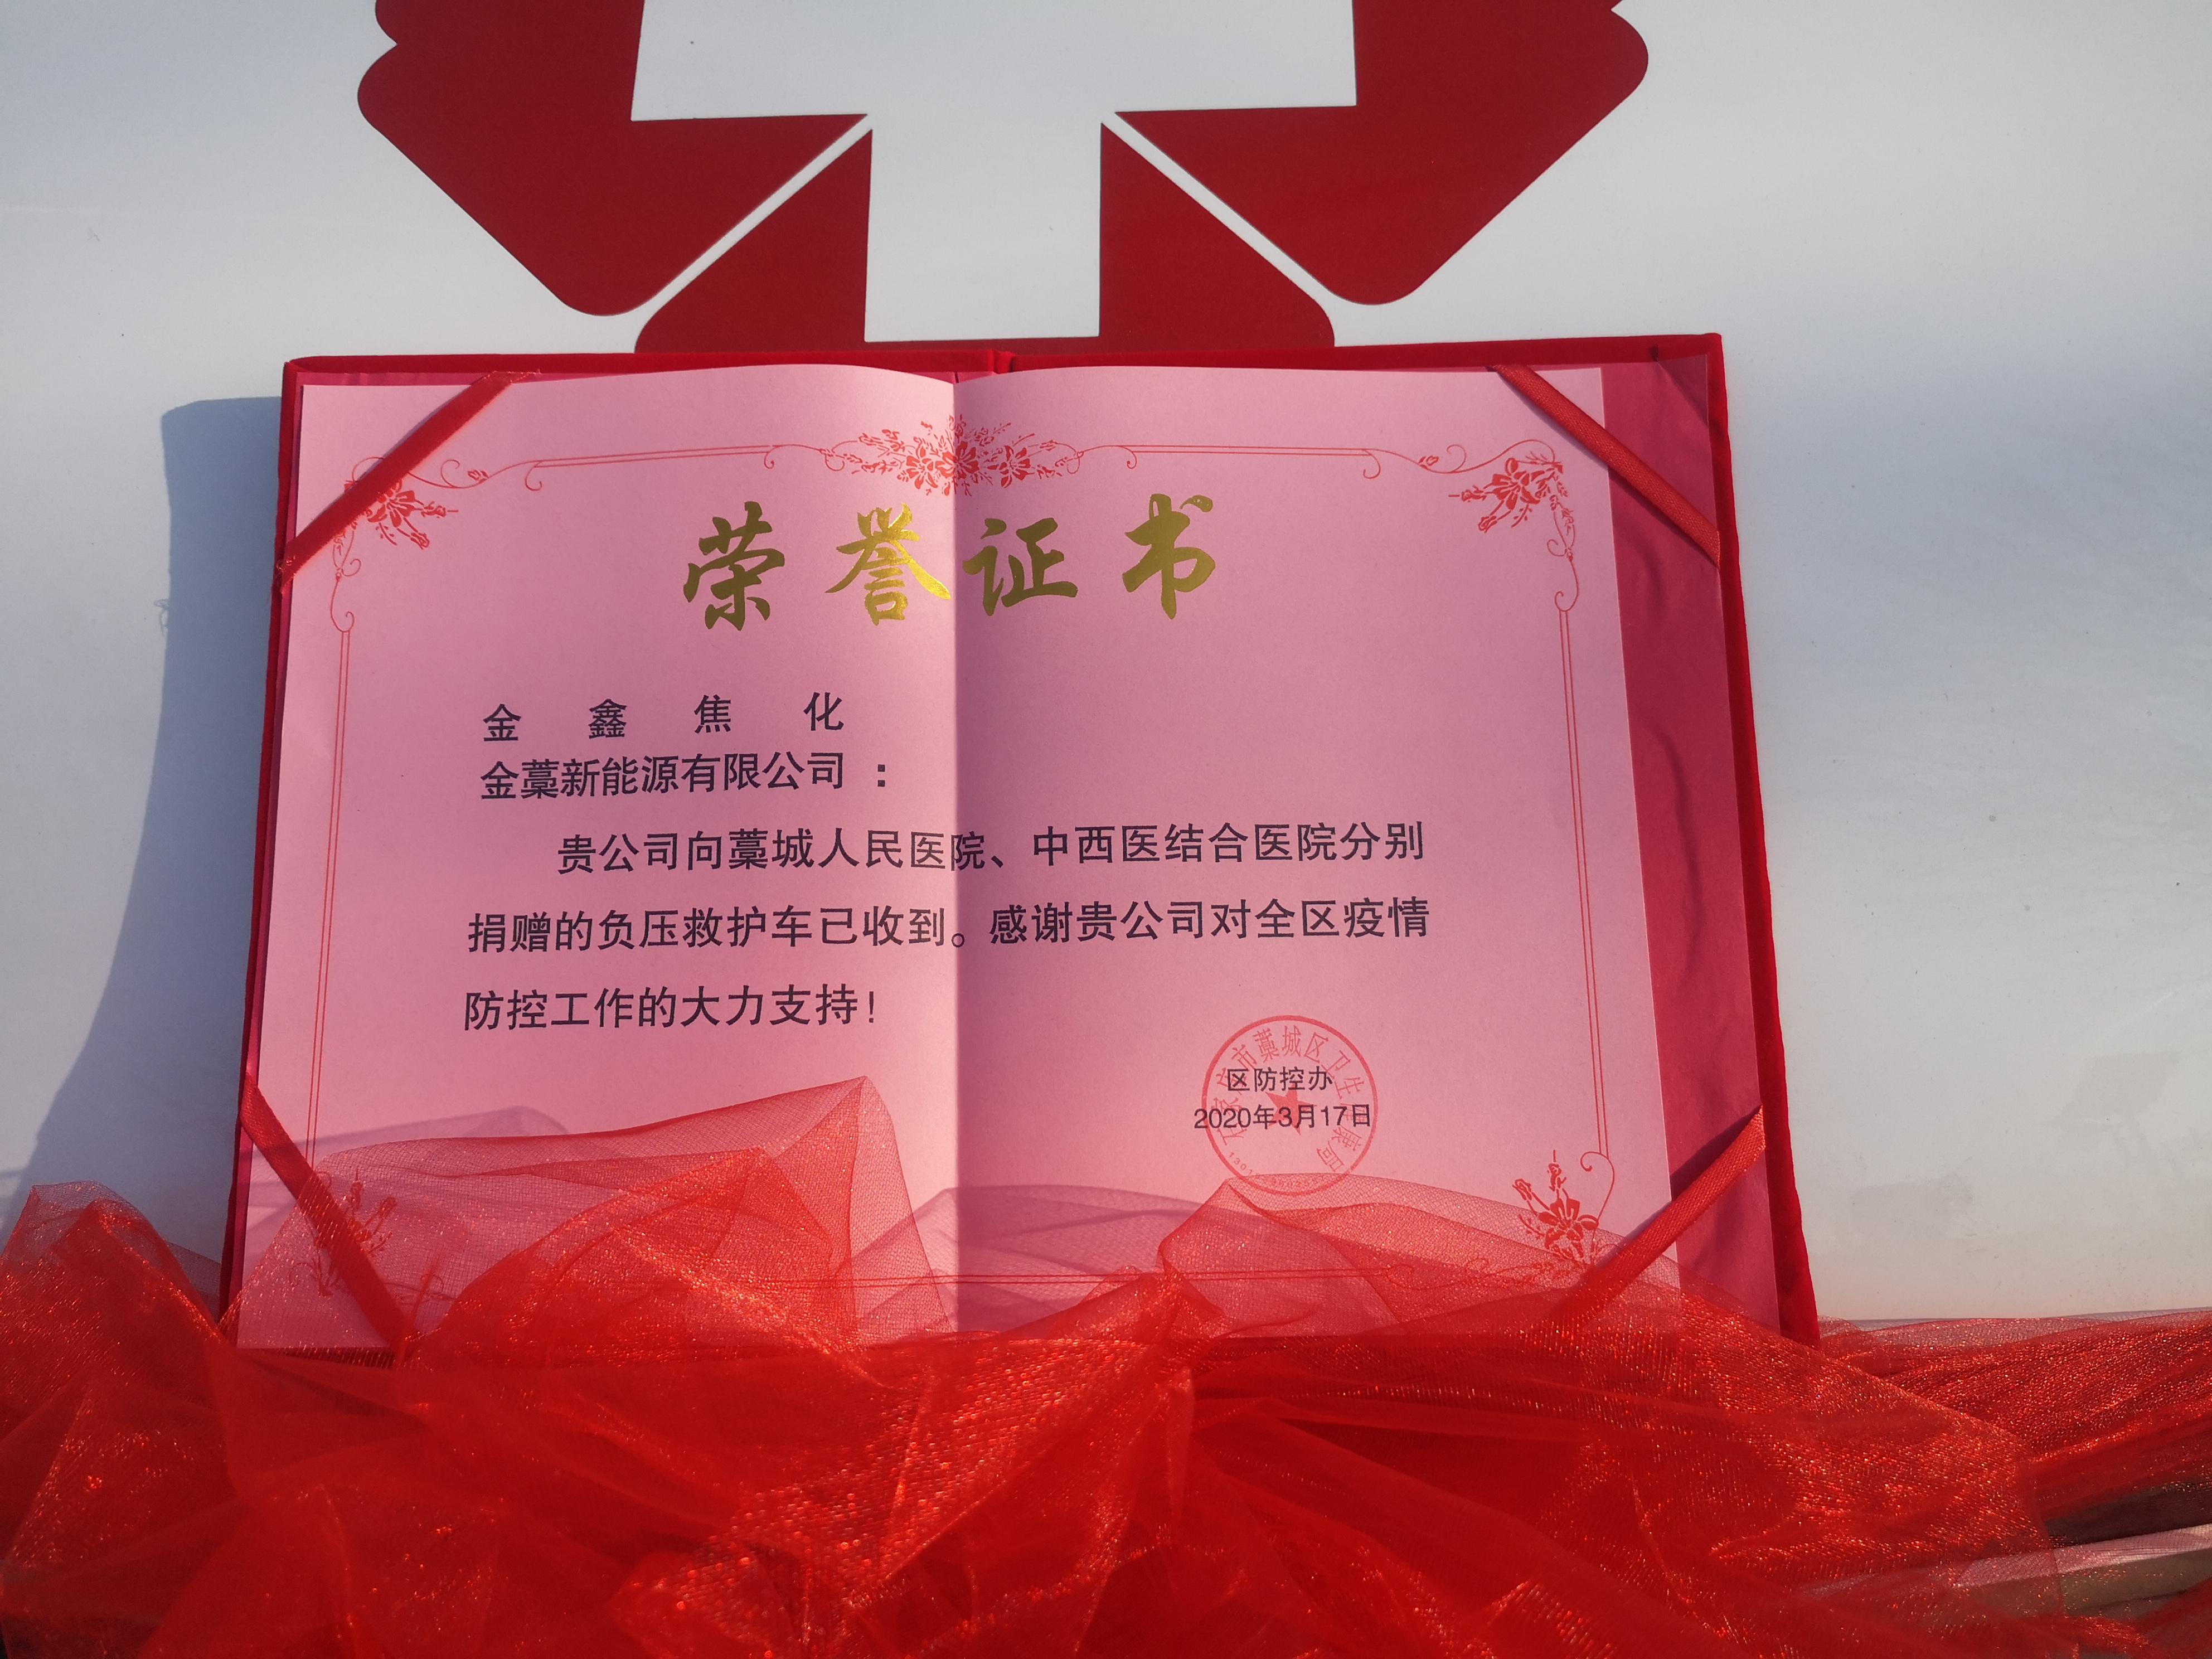 爱心捐赠暖人心,同舟共济战疫情_金鑫焦化有限公司向藁城区捐赠2辆负压救护车